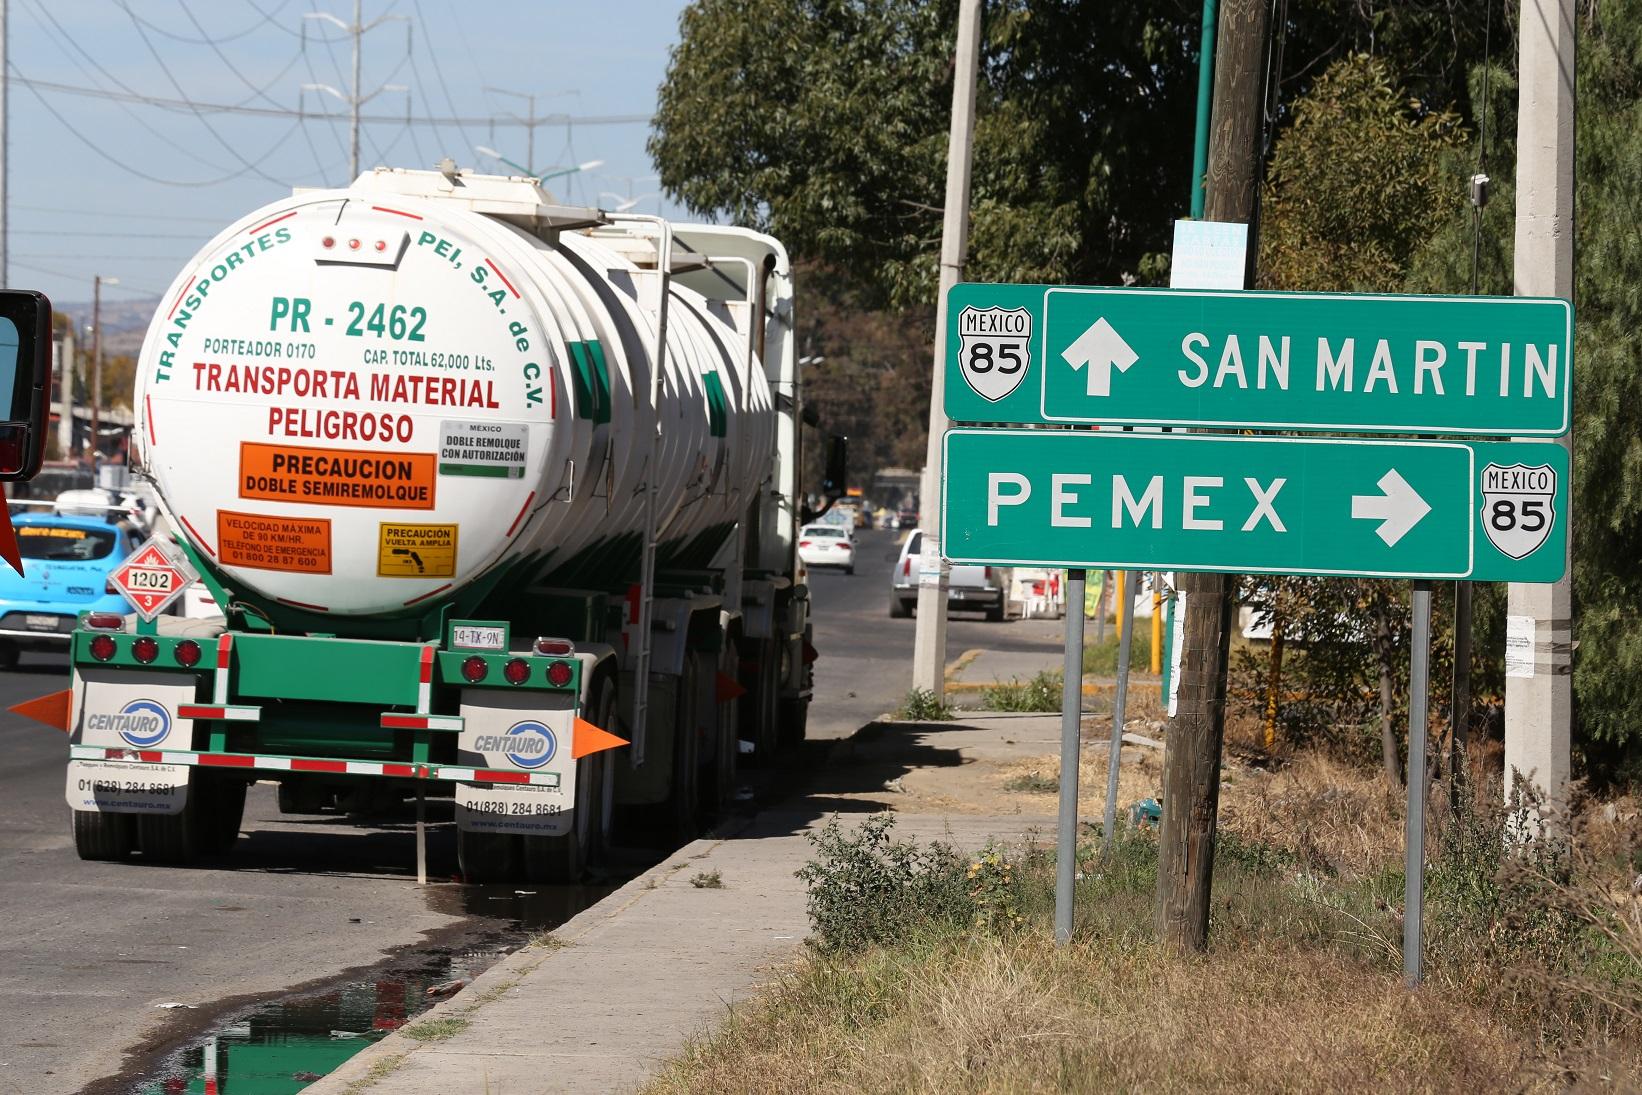 caminhao tanque transita pela regiao de puebla no mexico onde ocorre pratica conhecida como huachicol roubo de combustiveis